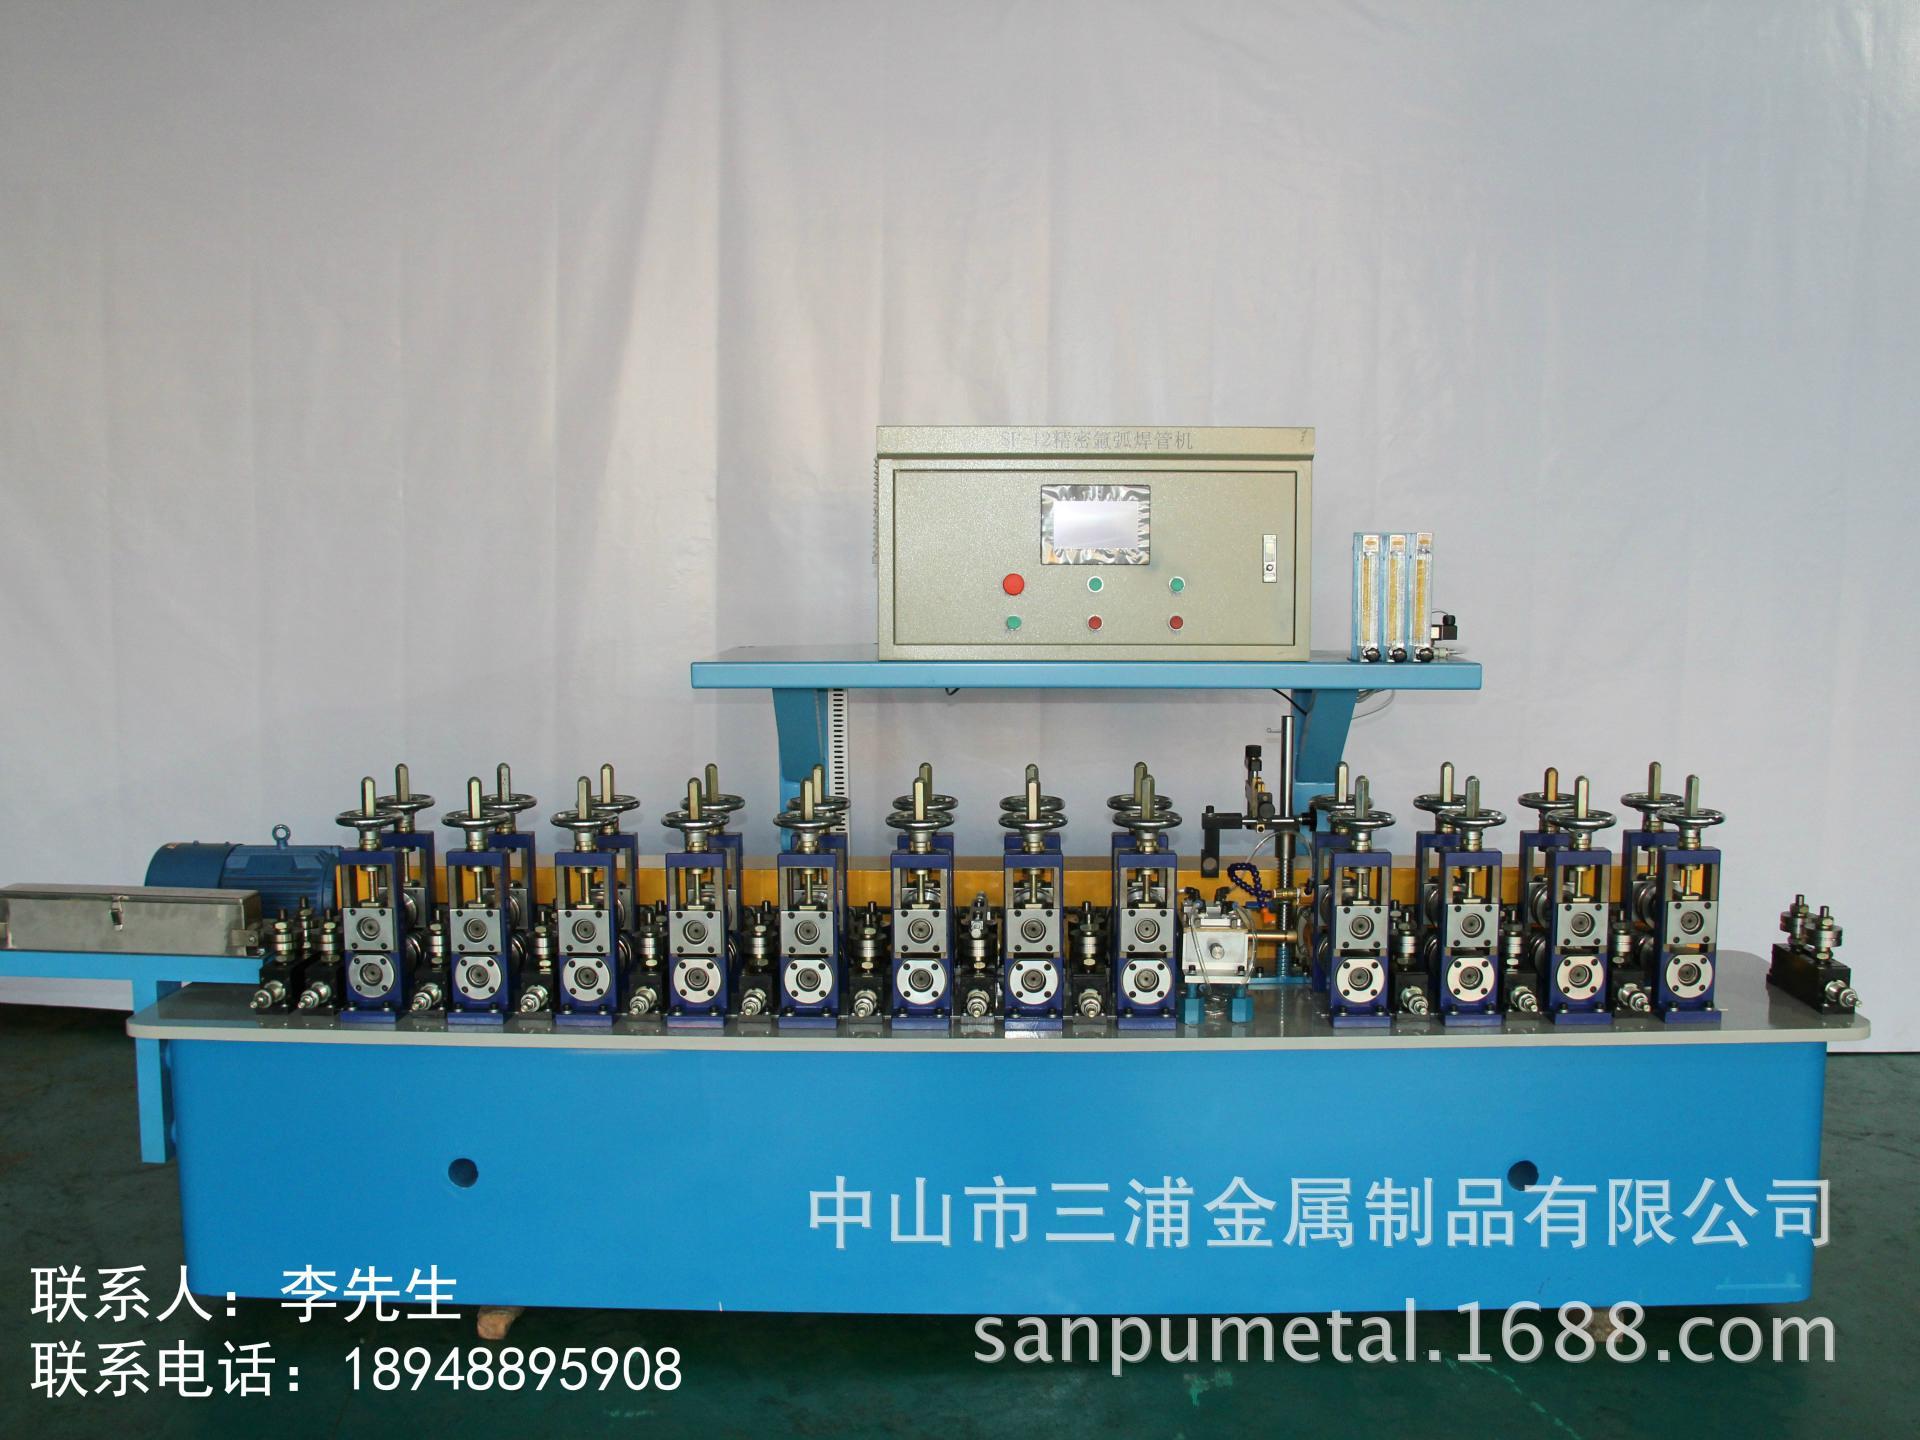 供應精密不鏽鋼焊管機組、焊管機成套設備 中山三浦金屬制品公司  4